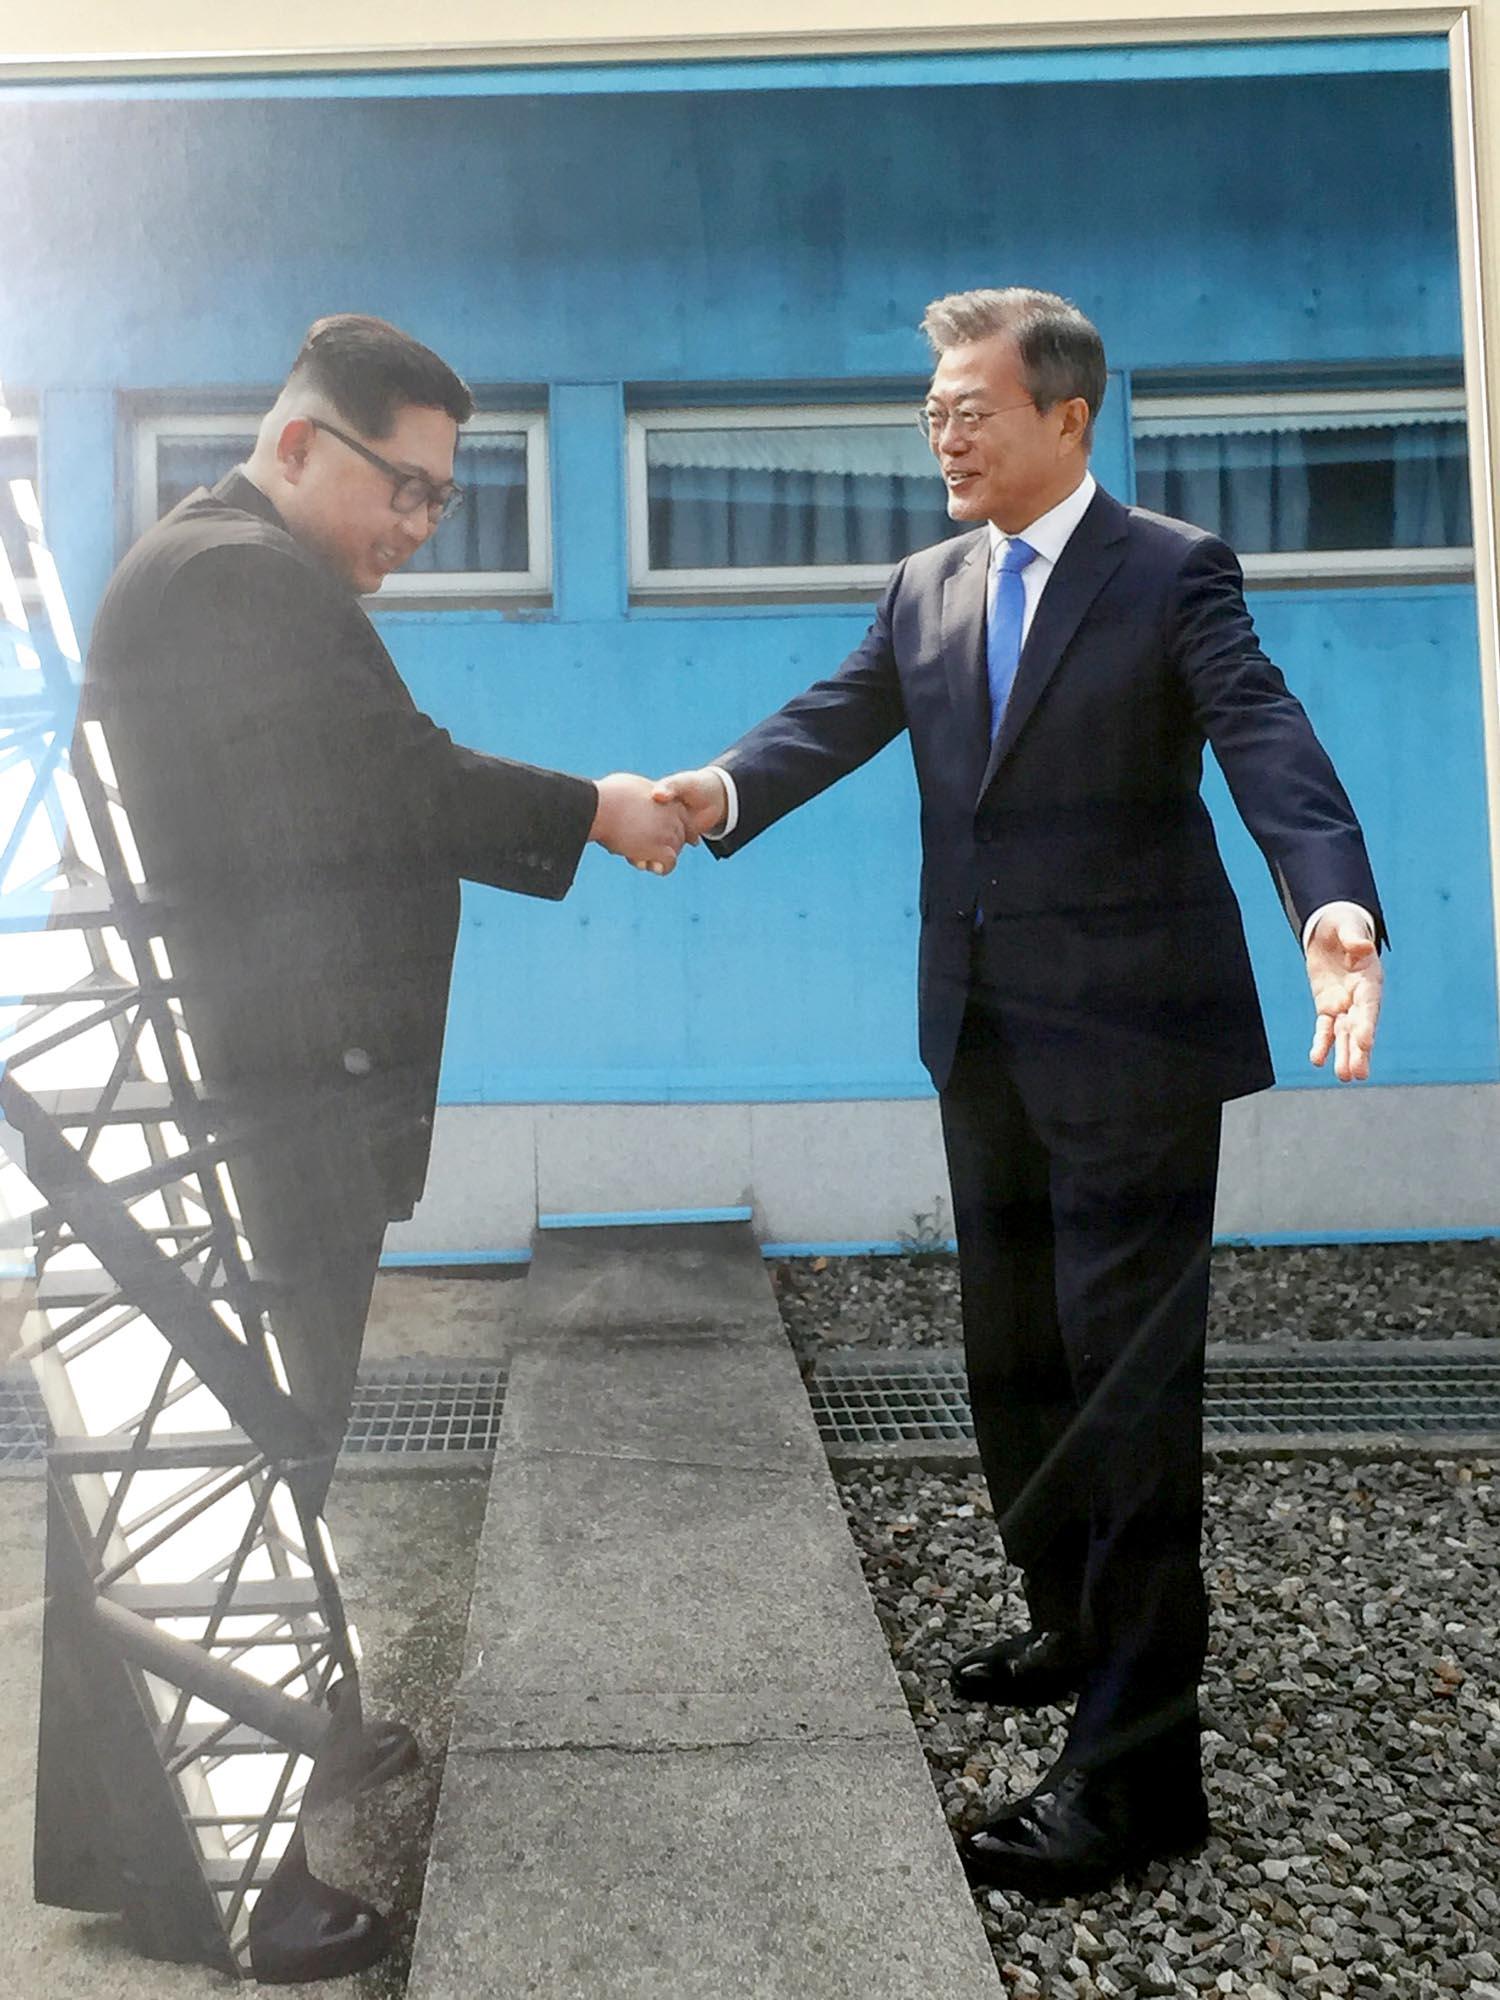 Plakat des geschichtsträchtigen Händedruckes von Kim Jong-un und Moon Jae-in im März 2018 in Südkorea.